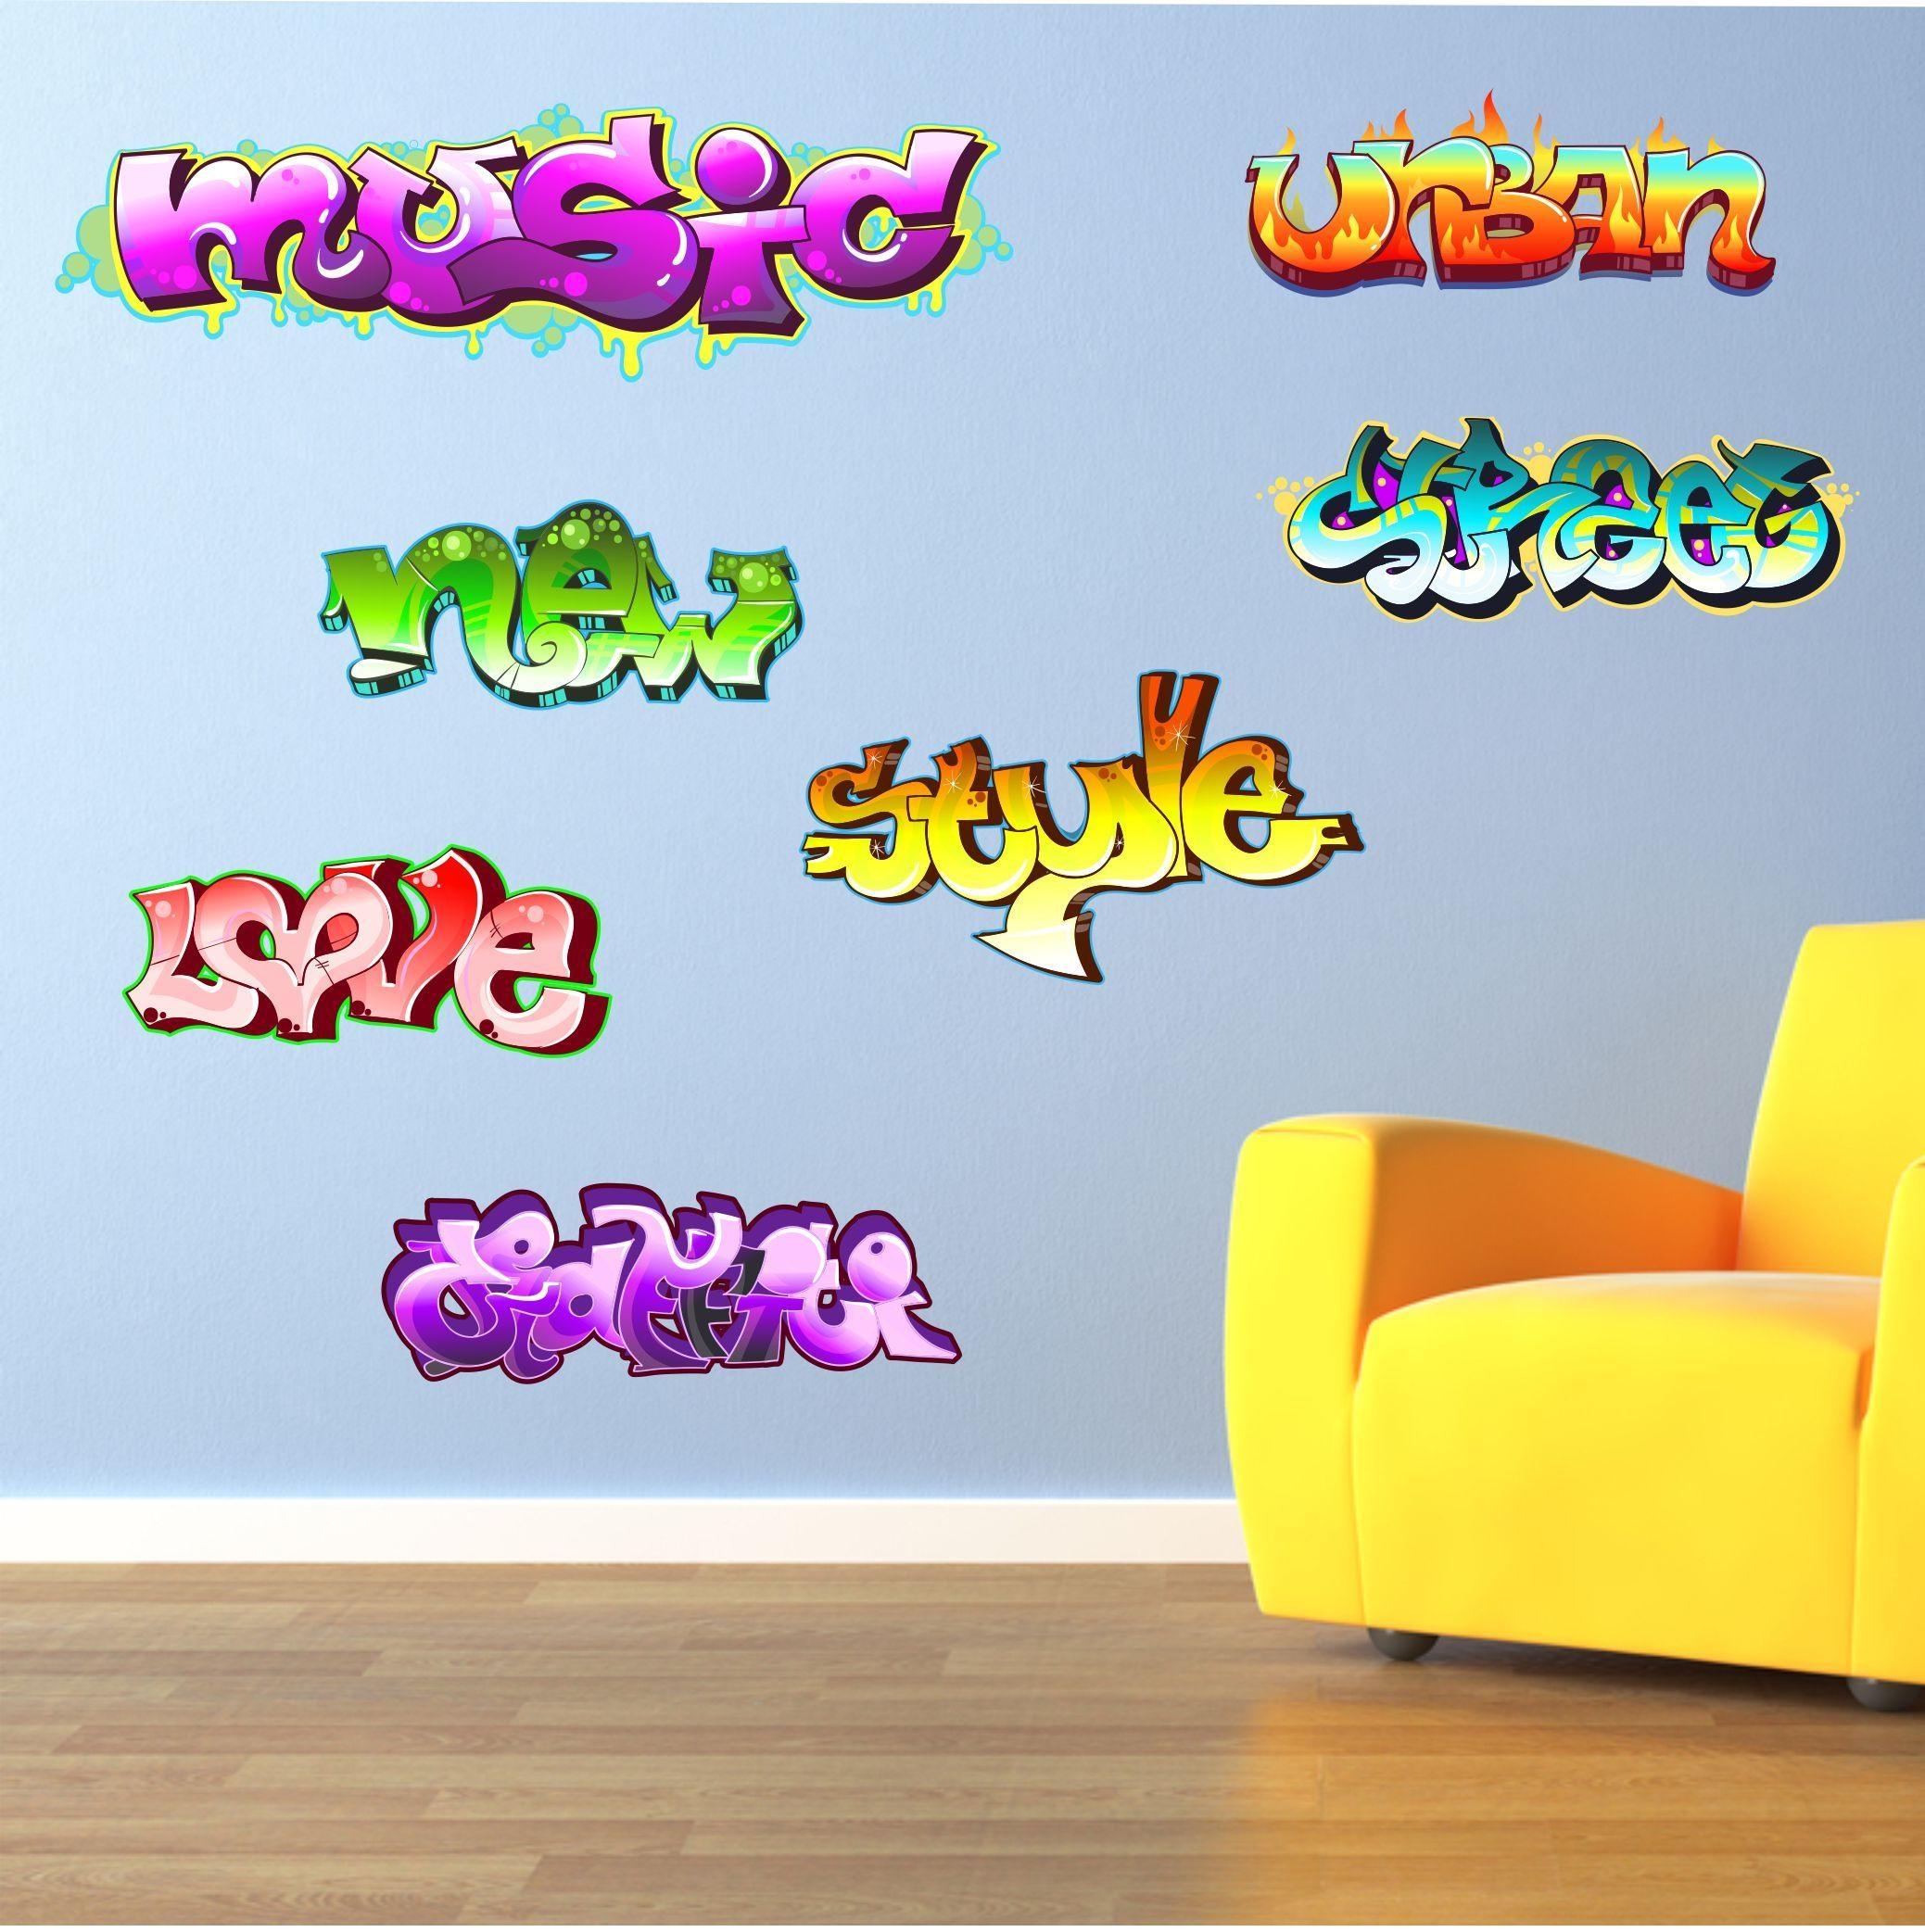 The Grafix Studio   Graffiti Words Wall Art Stickers Within Graffiti Wall Art Stickers (Image 18 of 20)